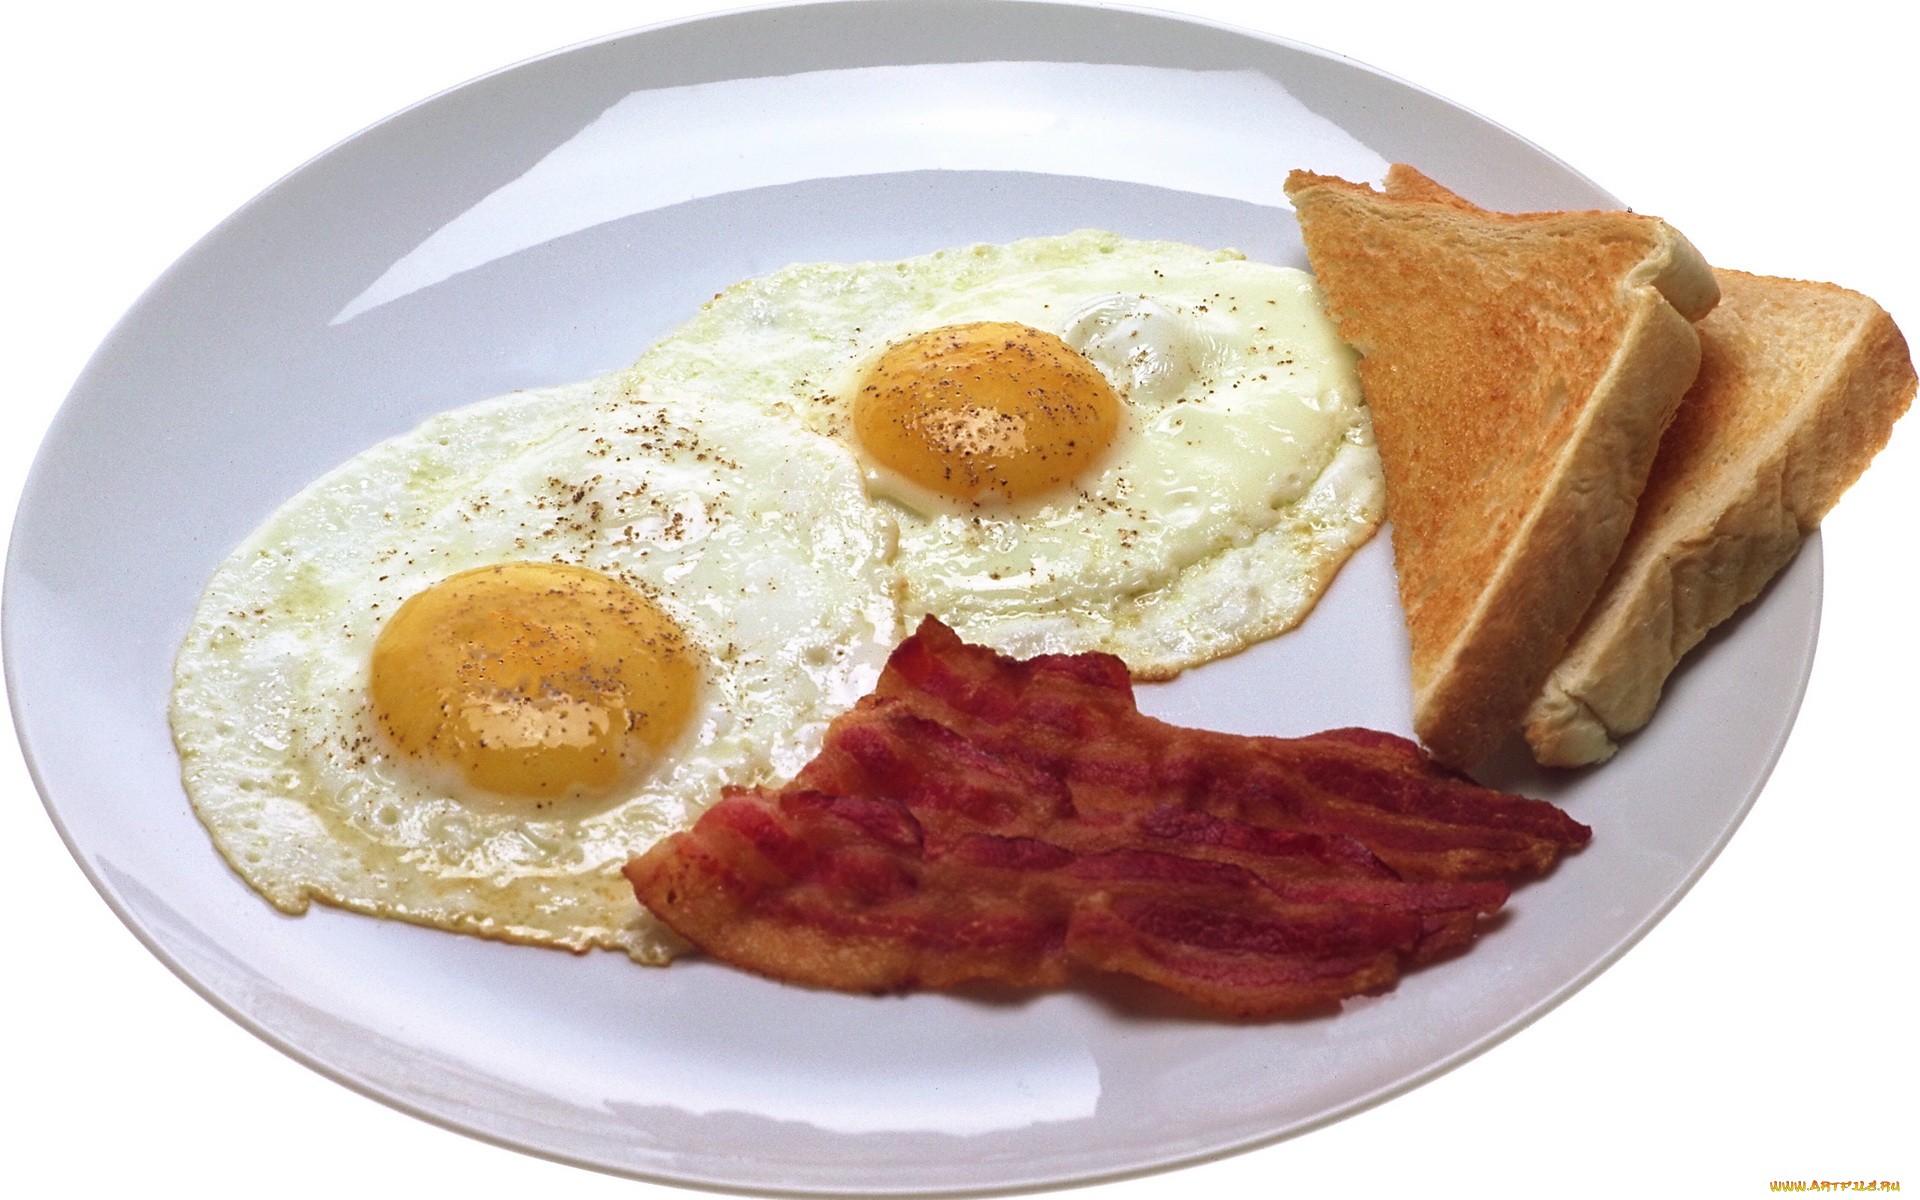 wallpapers breakfast food: Breakfast Computer Wallpapers, Desktop Backgrounds